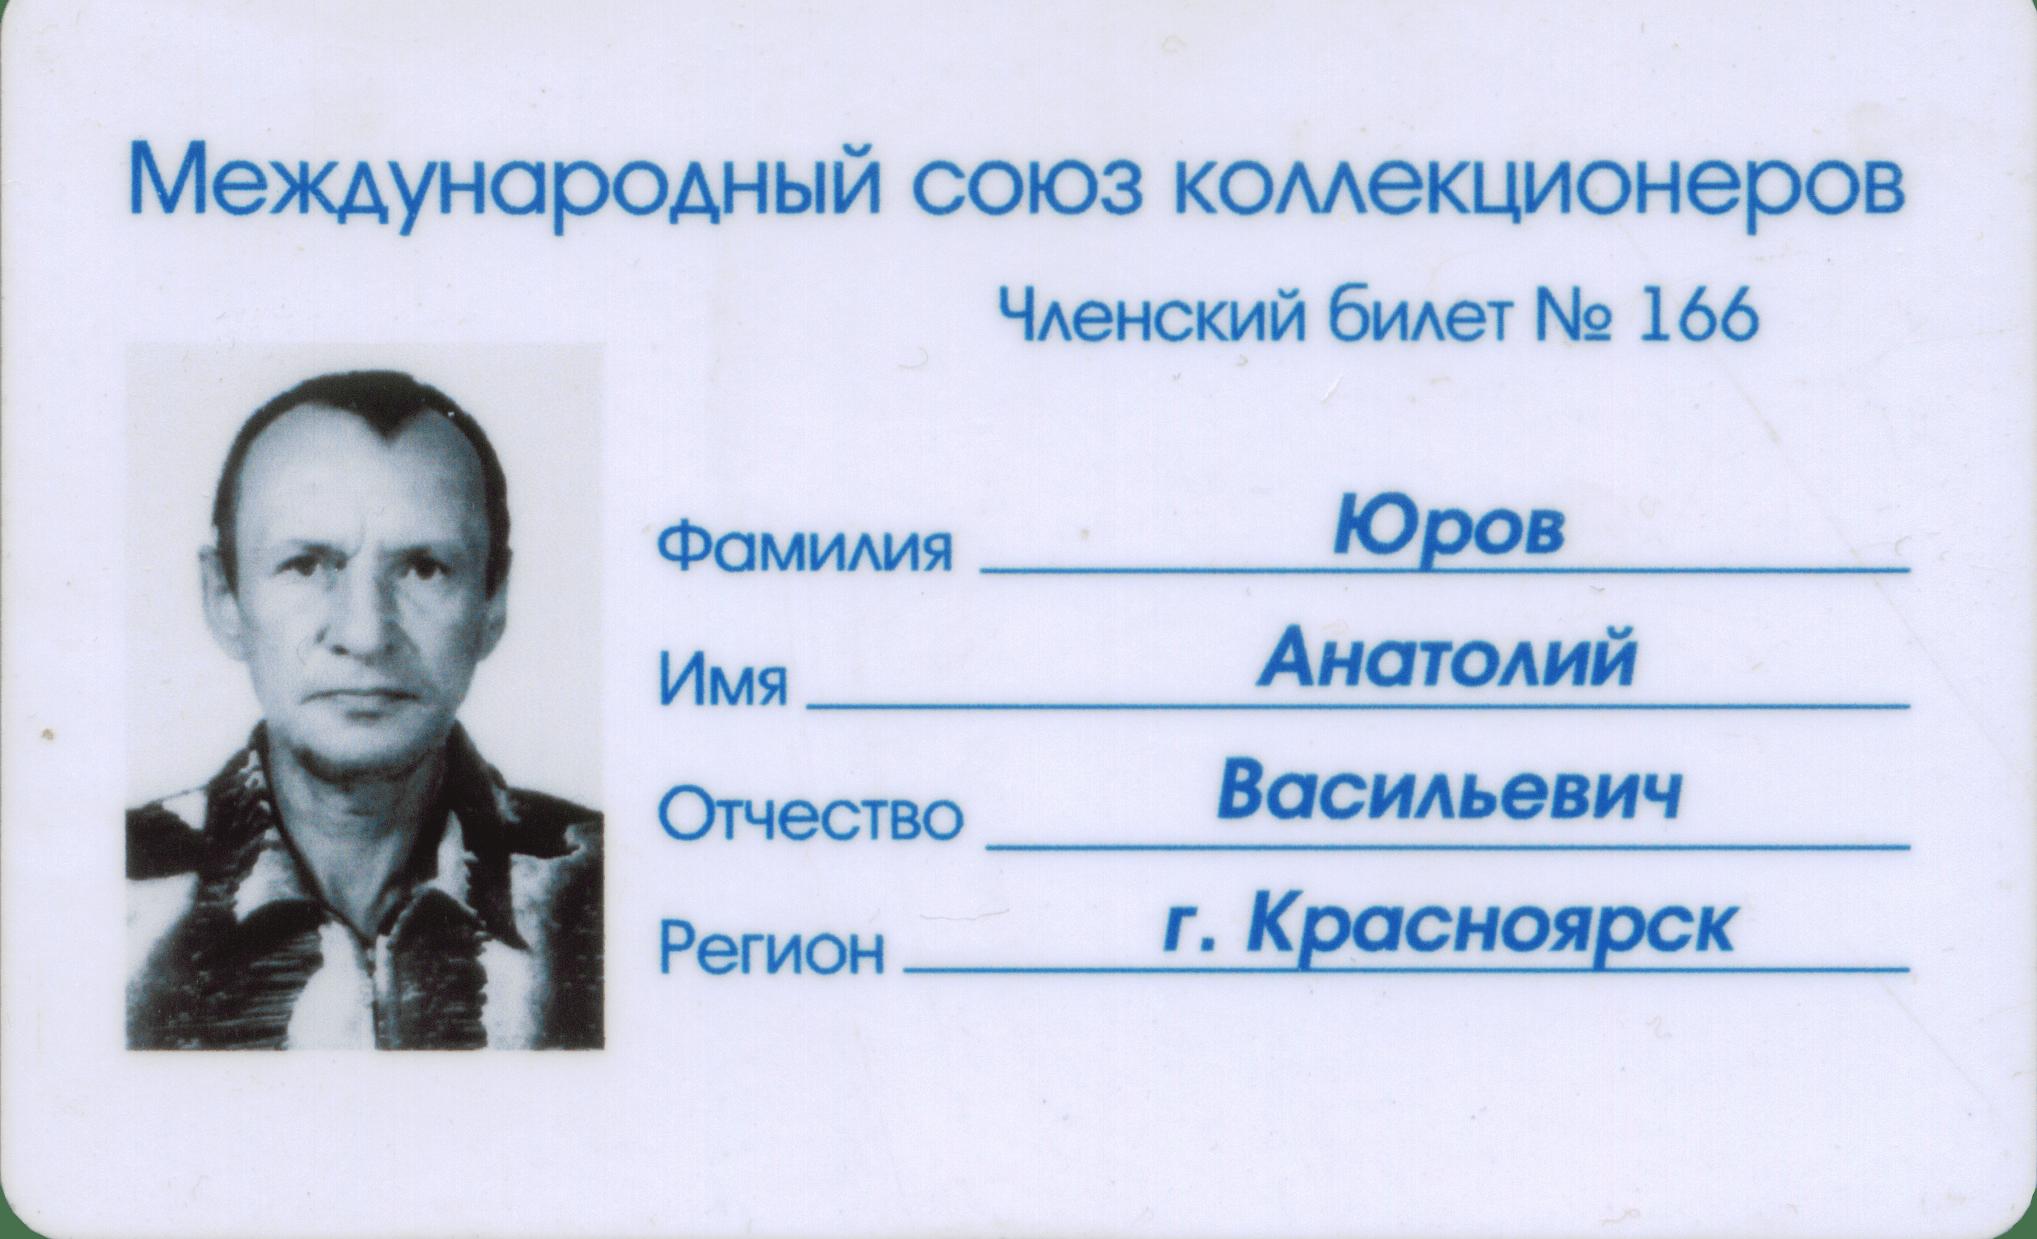 Членский билет Международного Союза коллекционеров